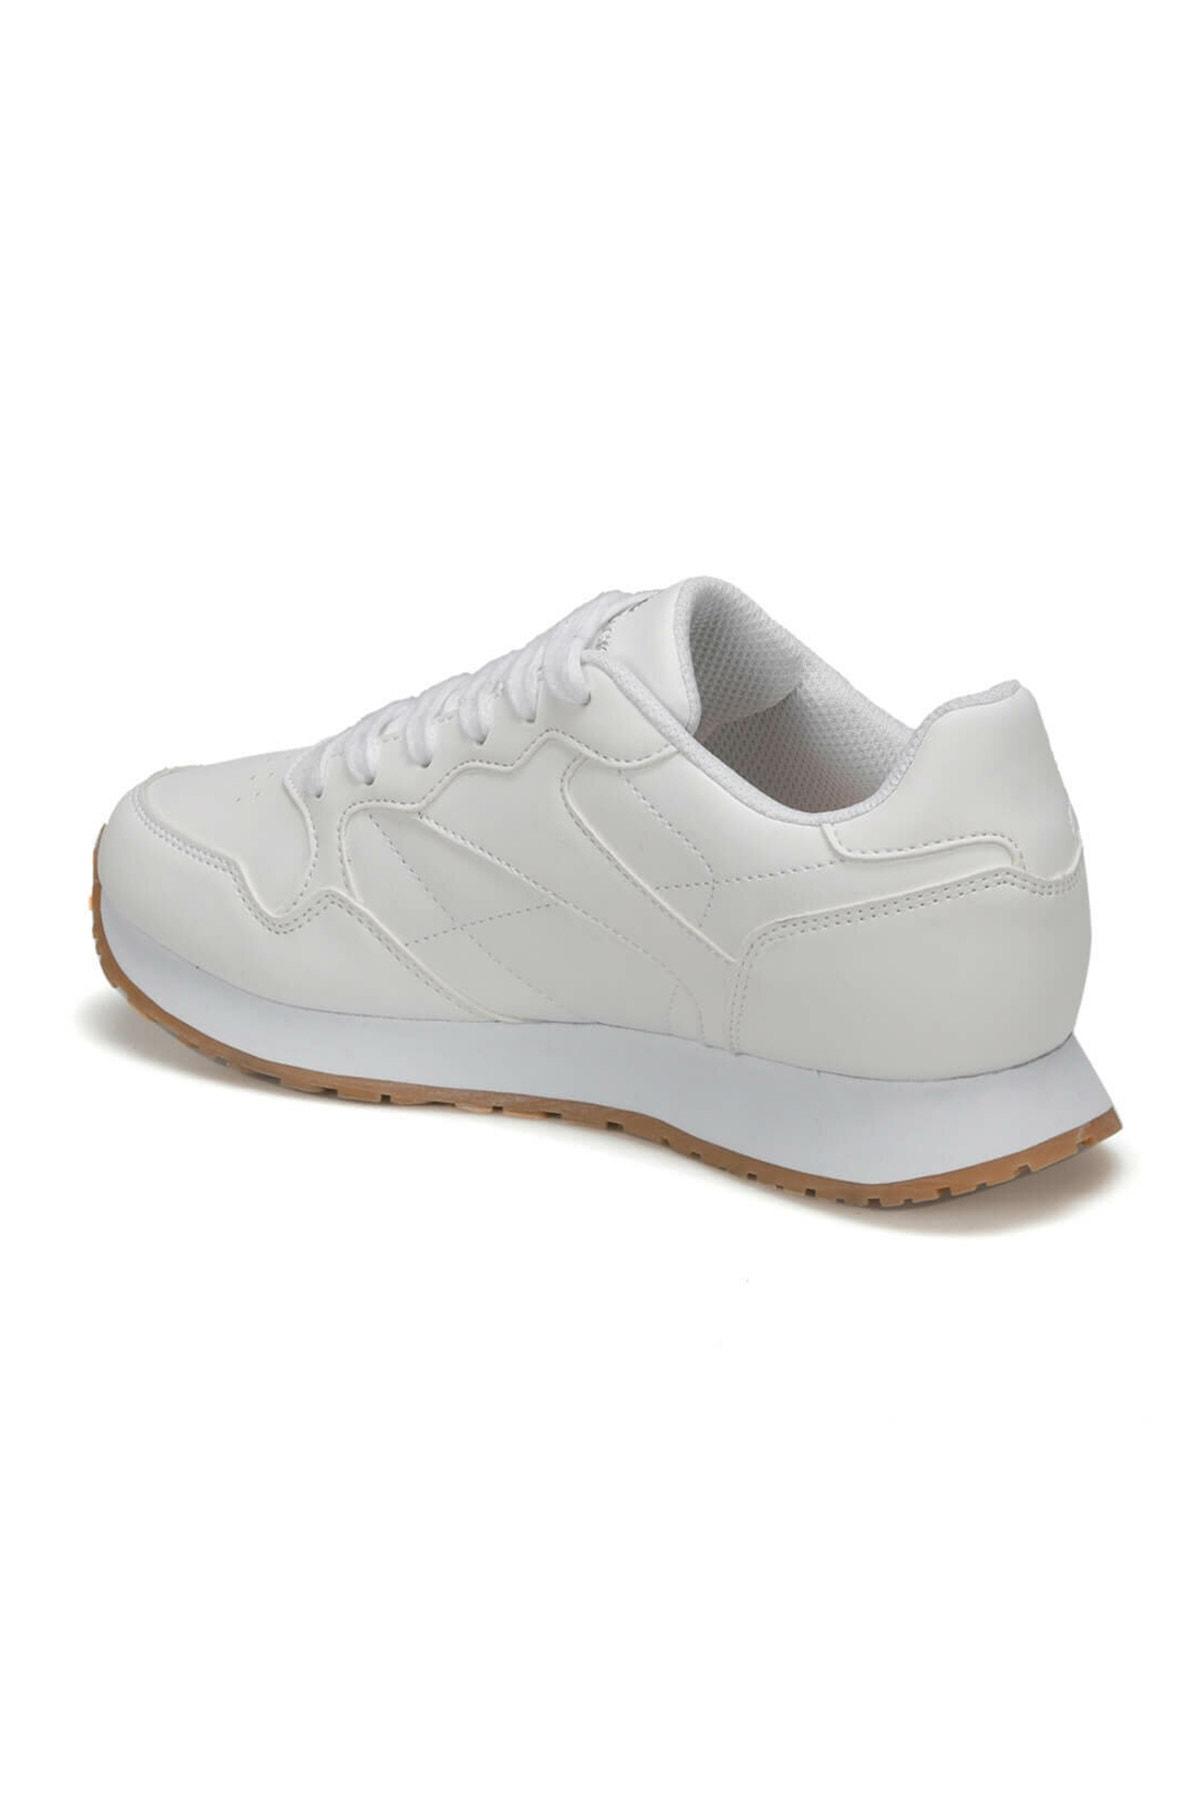 lumberjack Hello Wmn 9pr Kadın Günlük Spor Ayakkabı 100403720beyaz 1